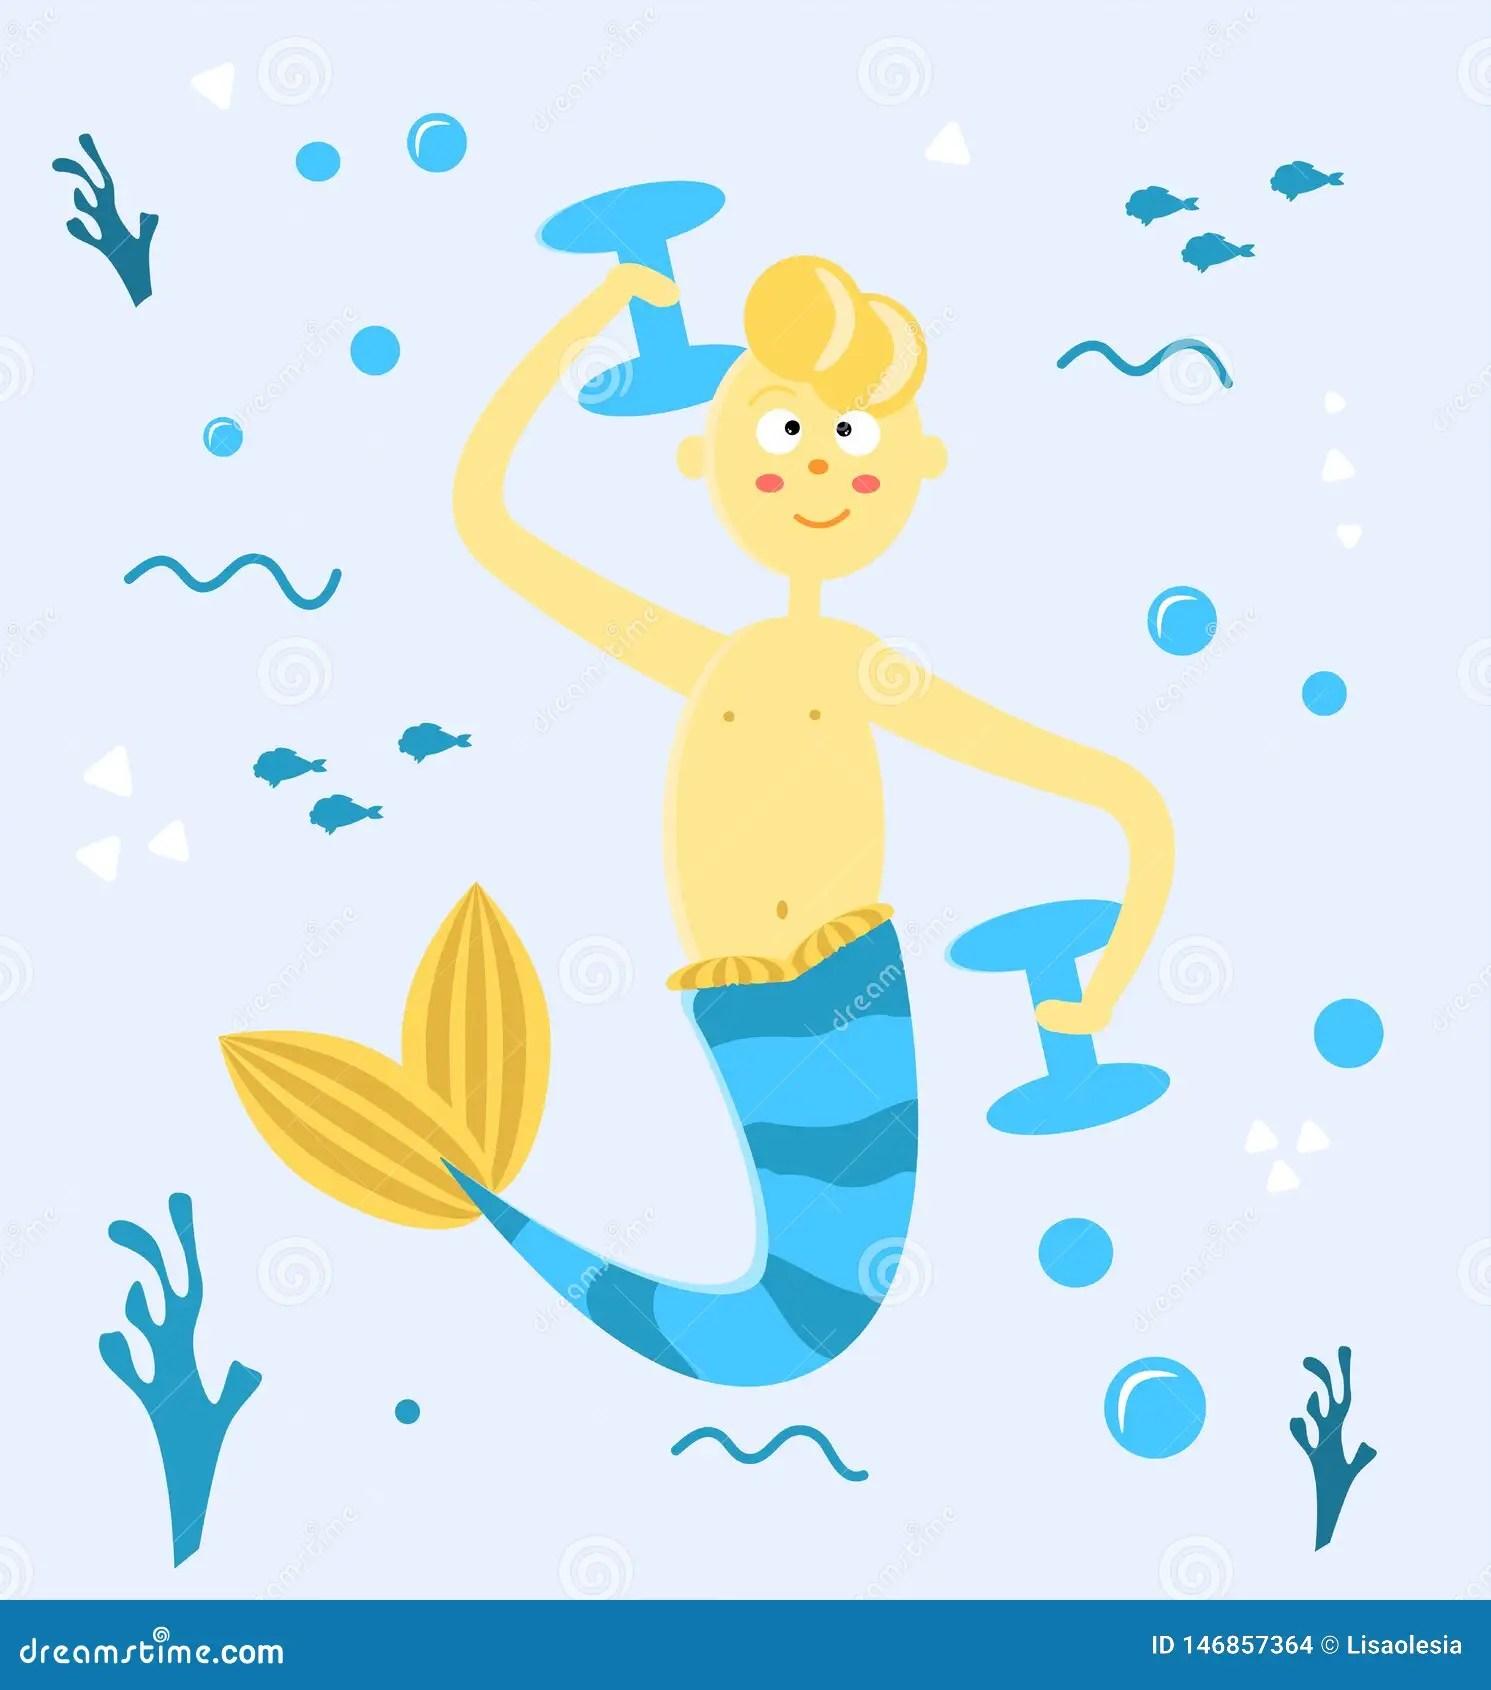 Cute Cartoon Mermaid Cartoon Vector